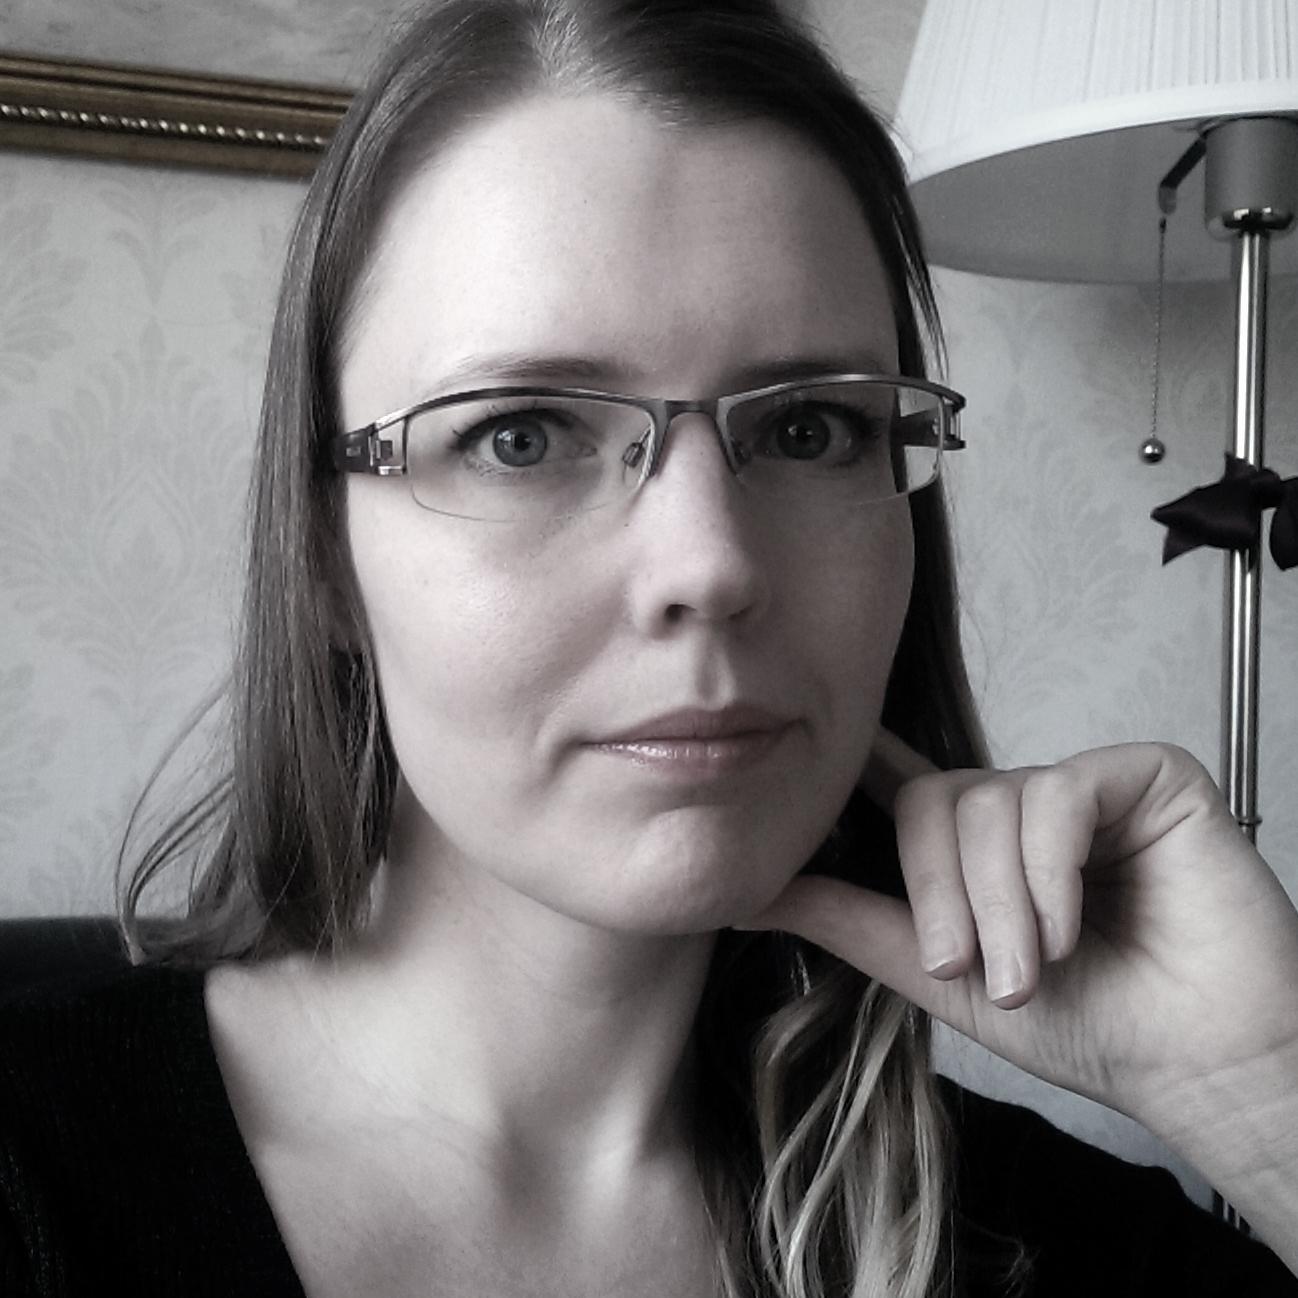 Agneta Åkerlund - Web Designer, Illustratör och Digital Formgivare